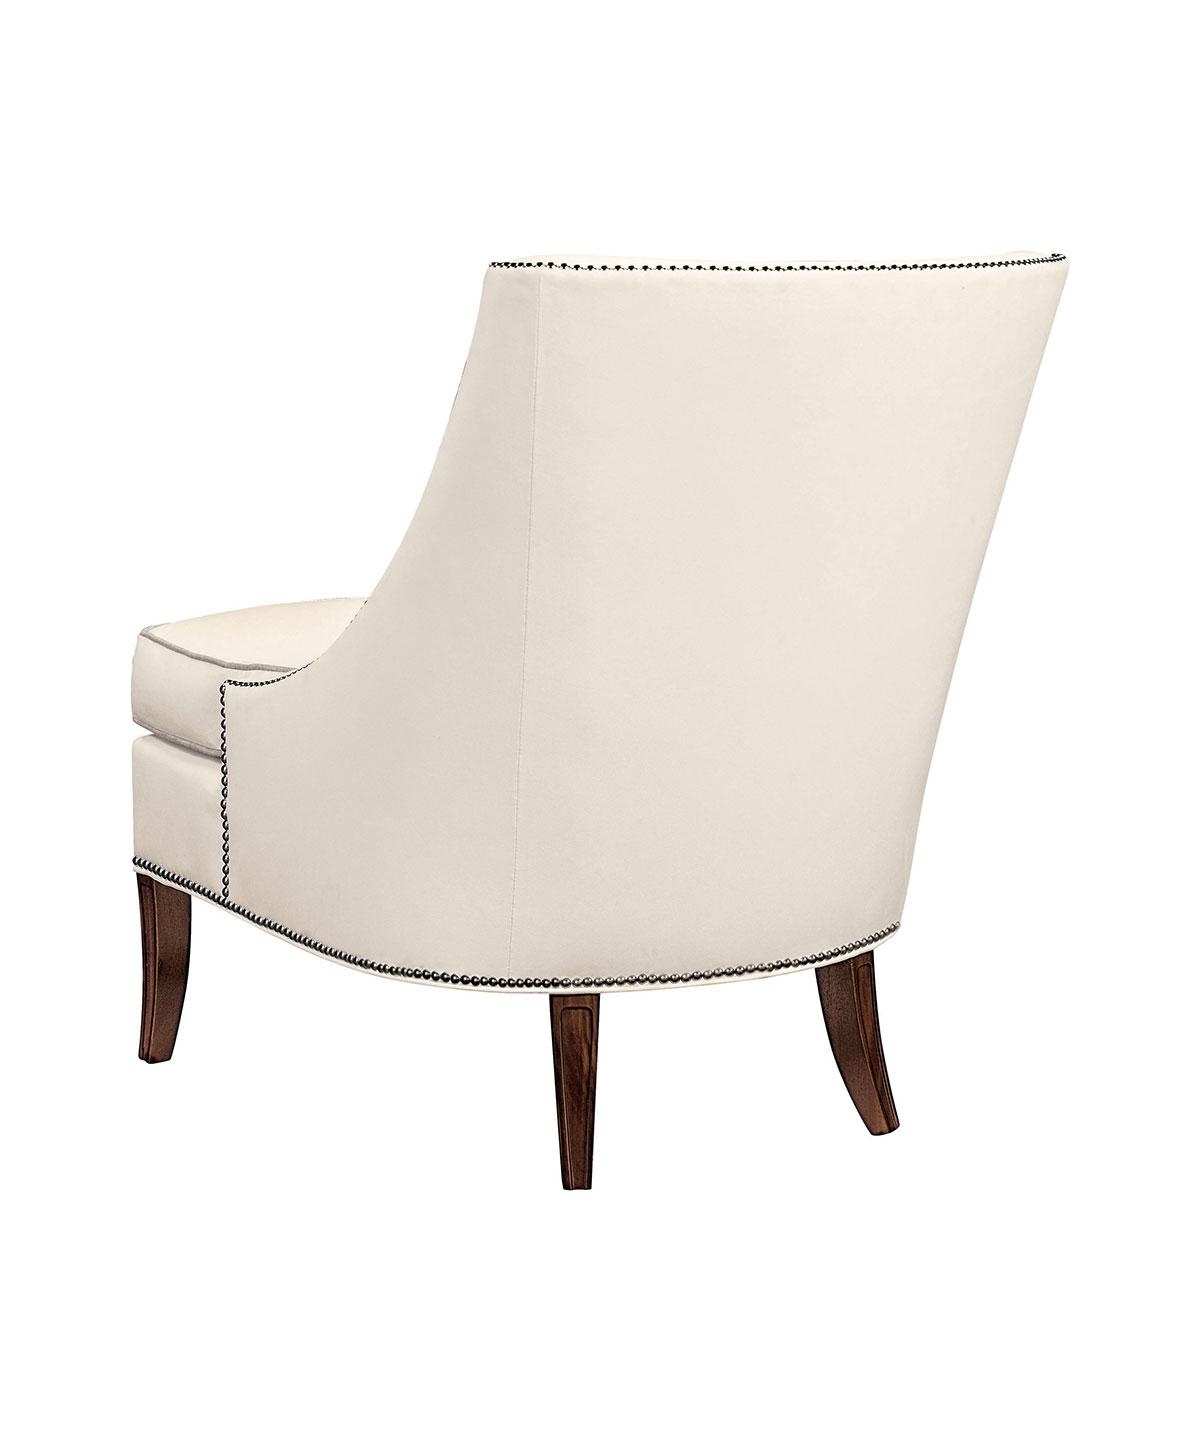 Haddon Lounge Chair